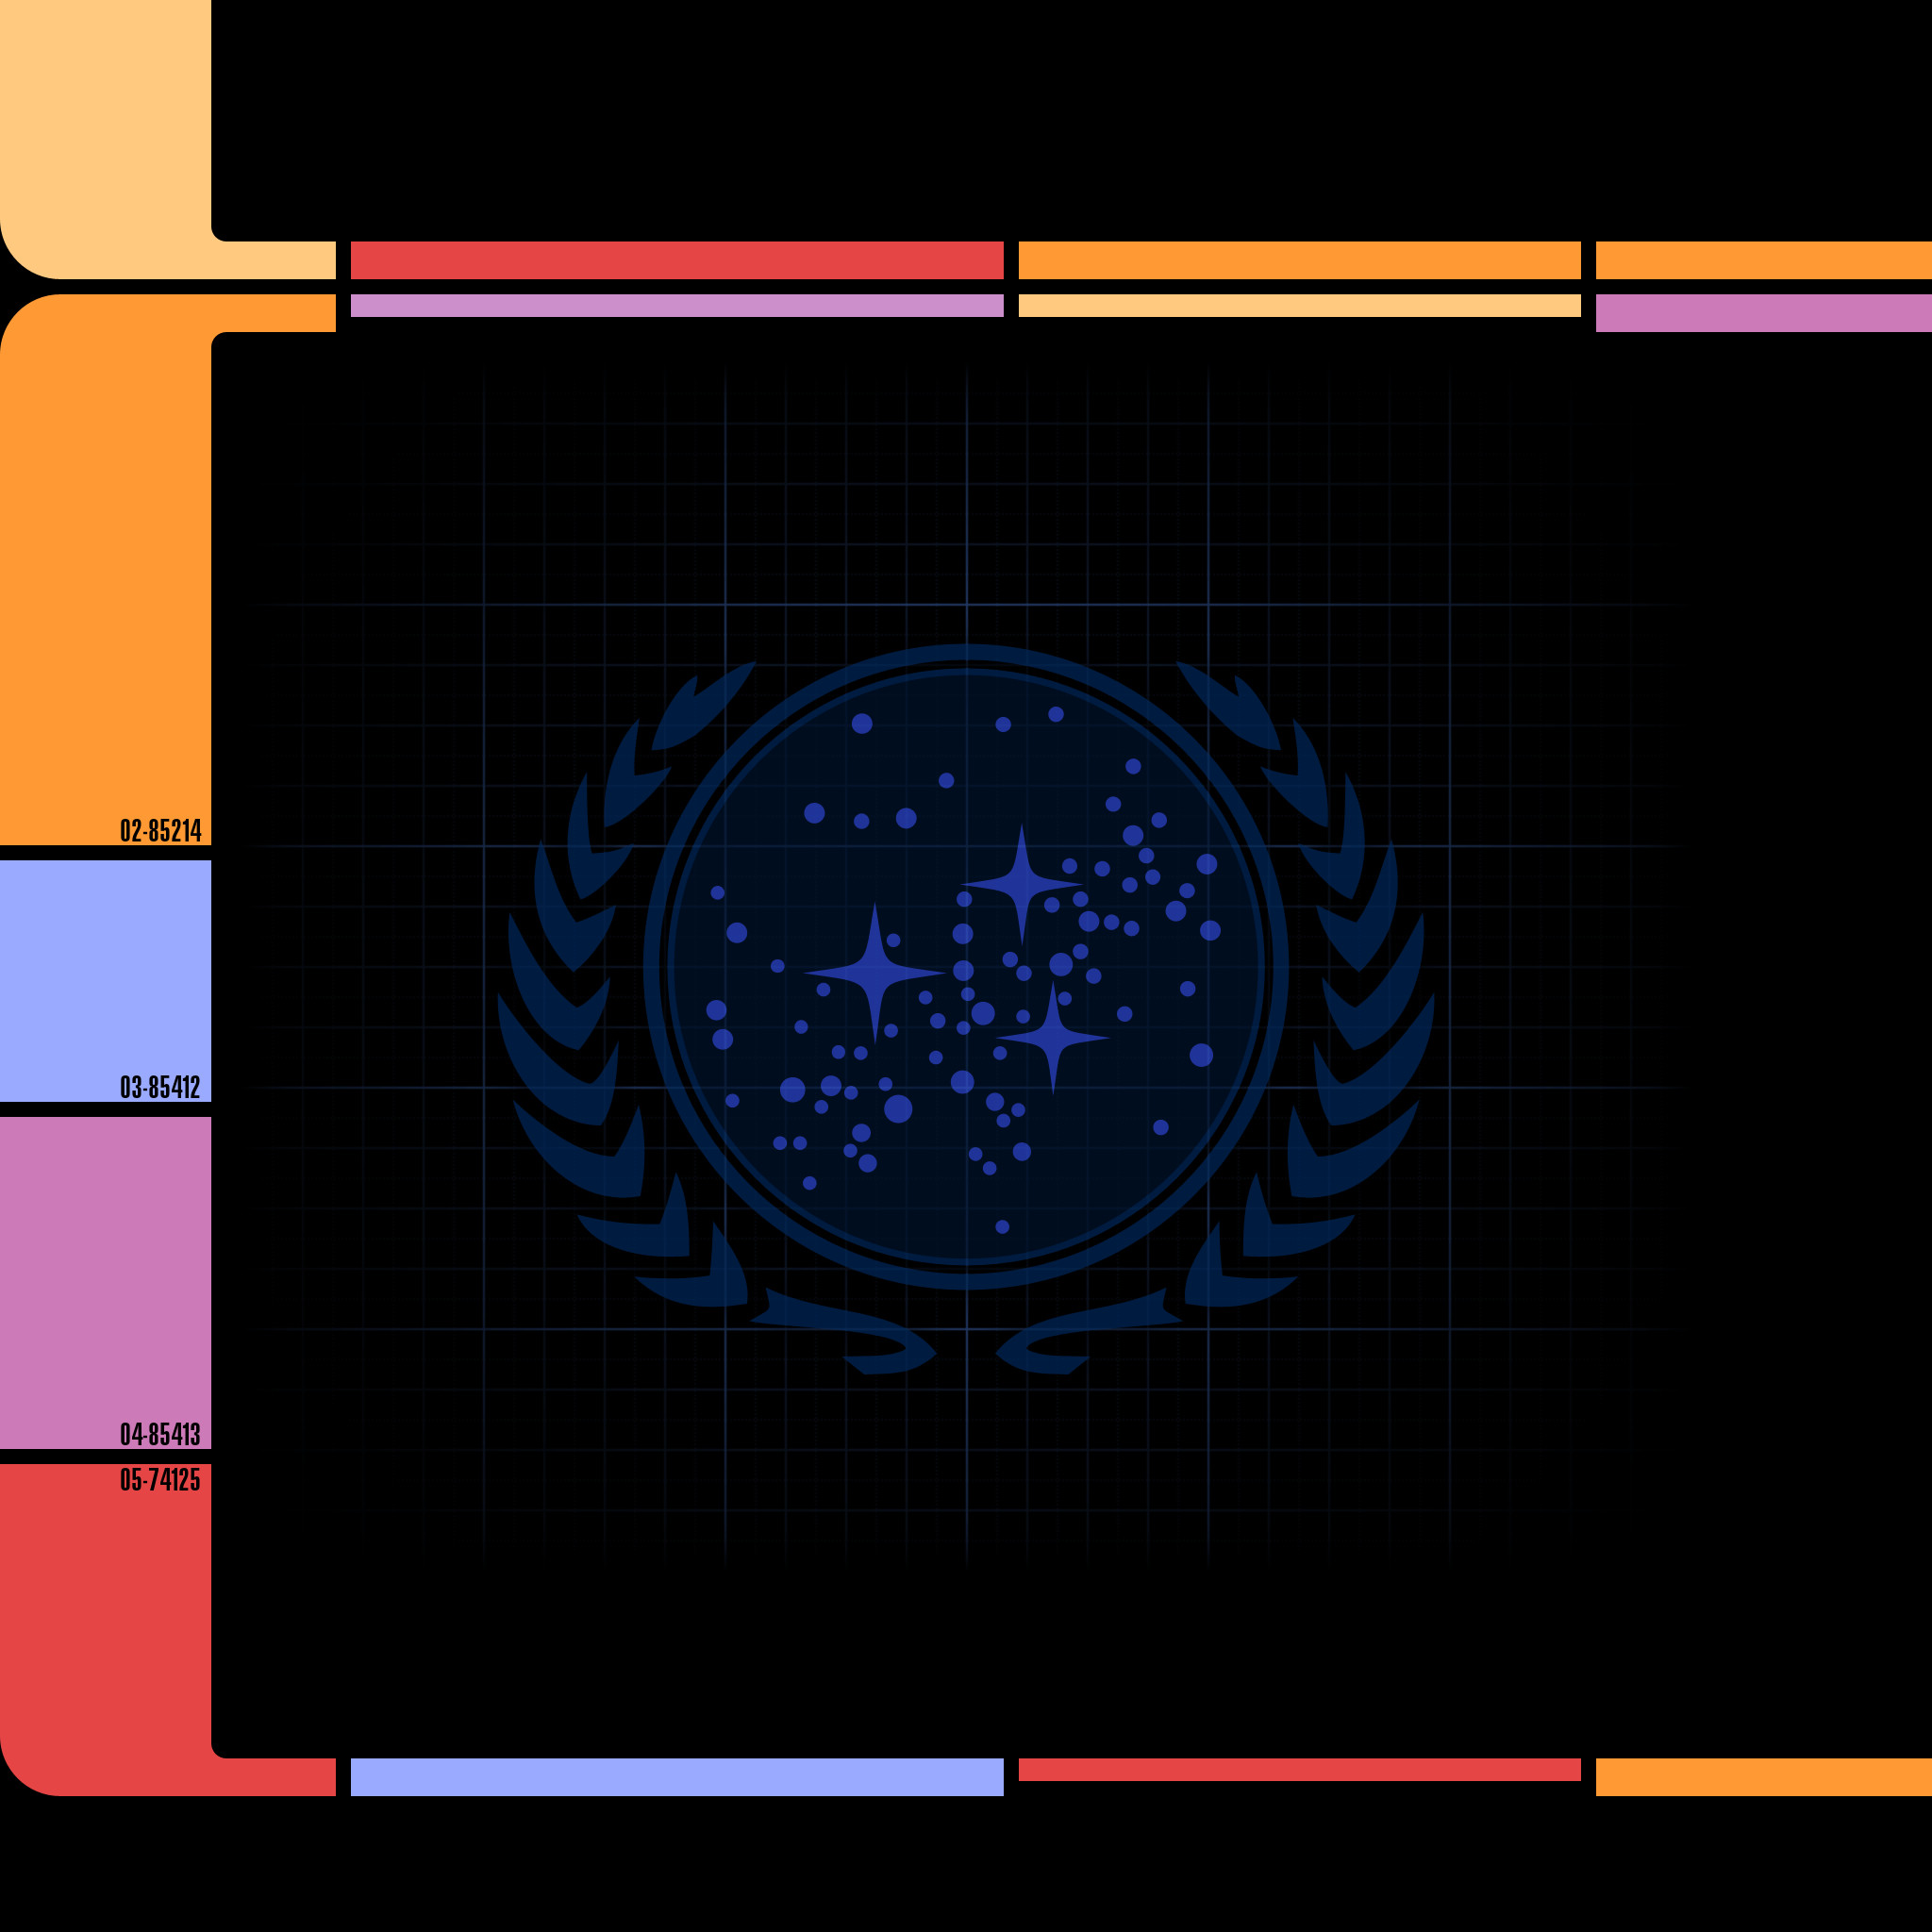 Star Trek Padd Wallpaper for Pinterest